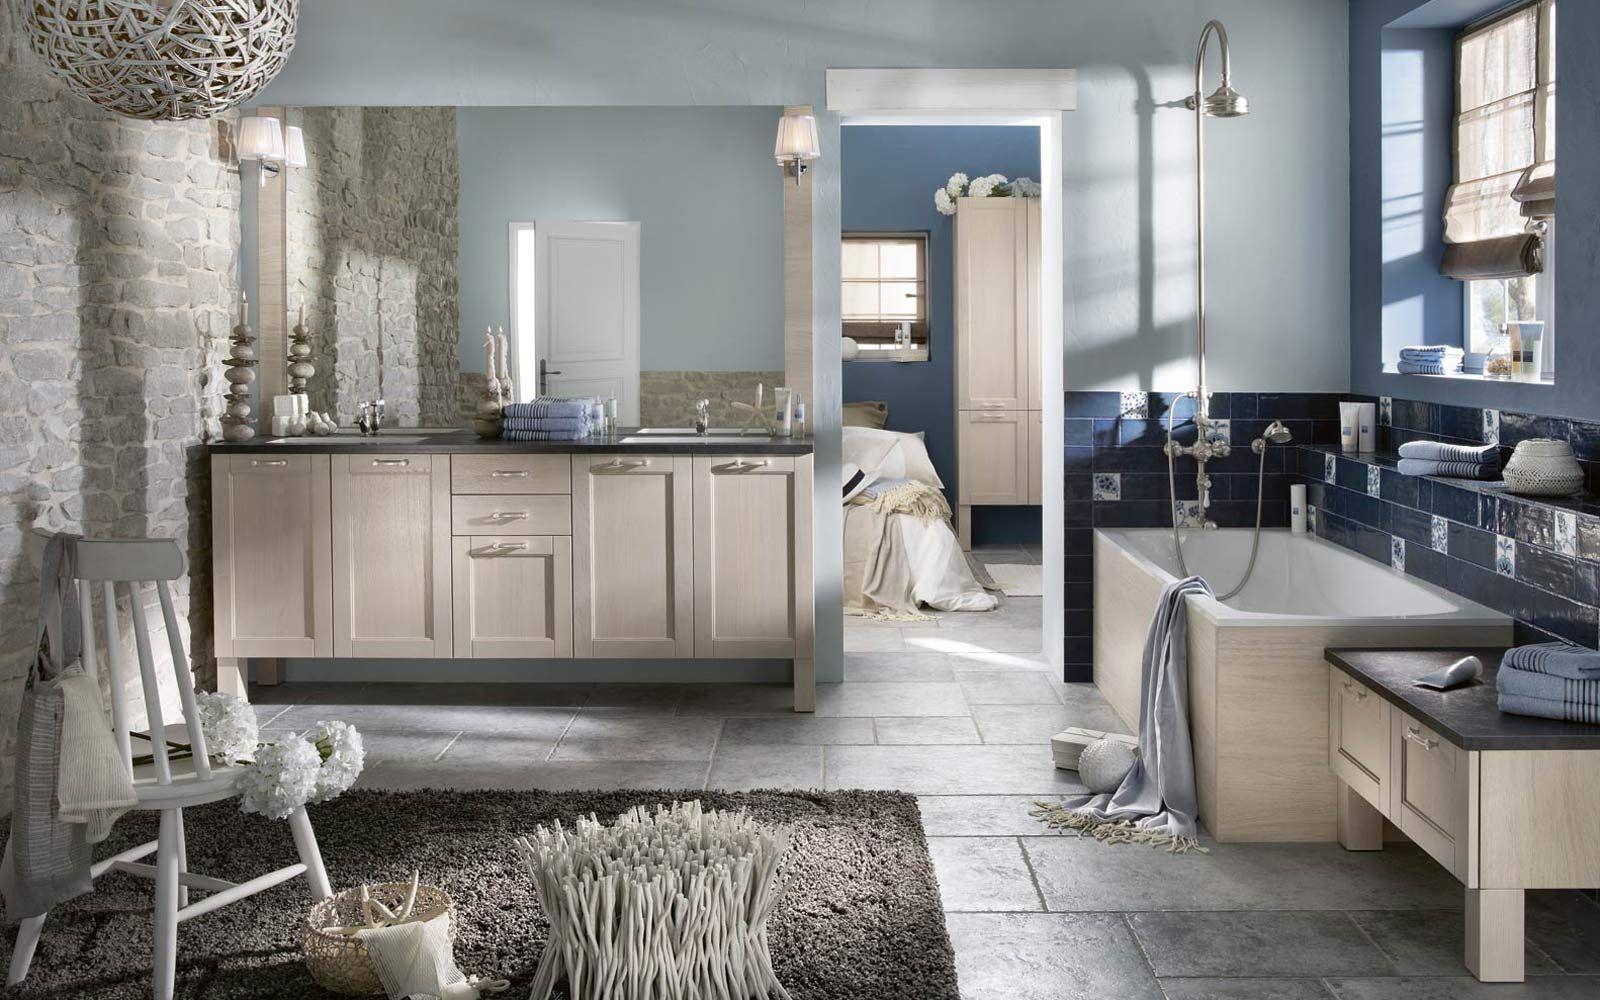 Salle De Bains Recherche Google Salle De Bains Pinterest - Delpha salle de bains pour idees de deco de cuisine